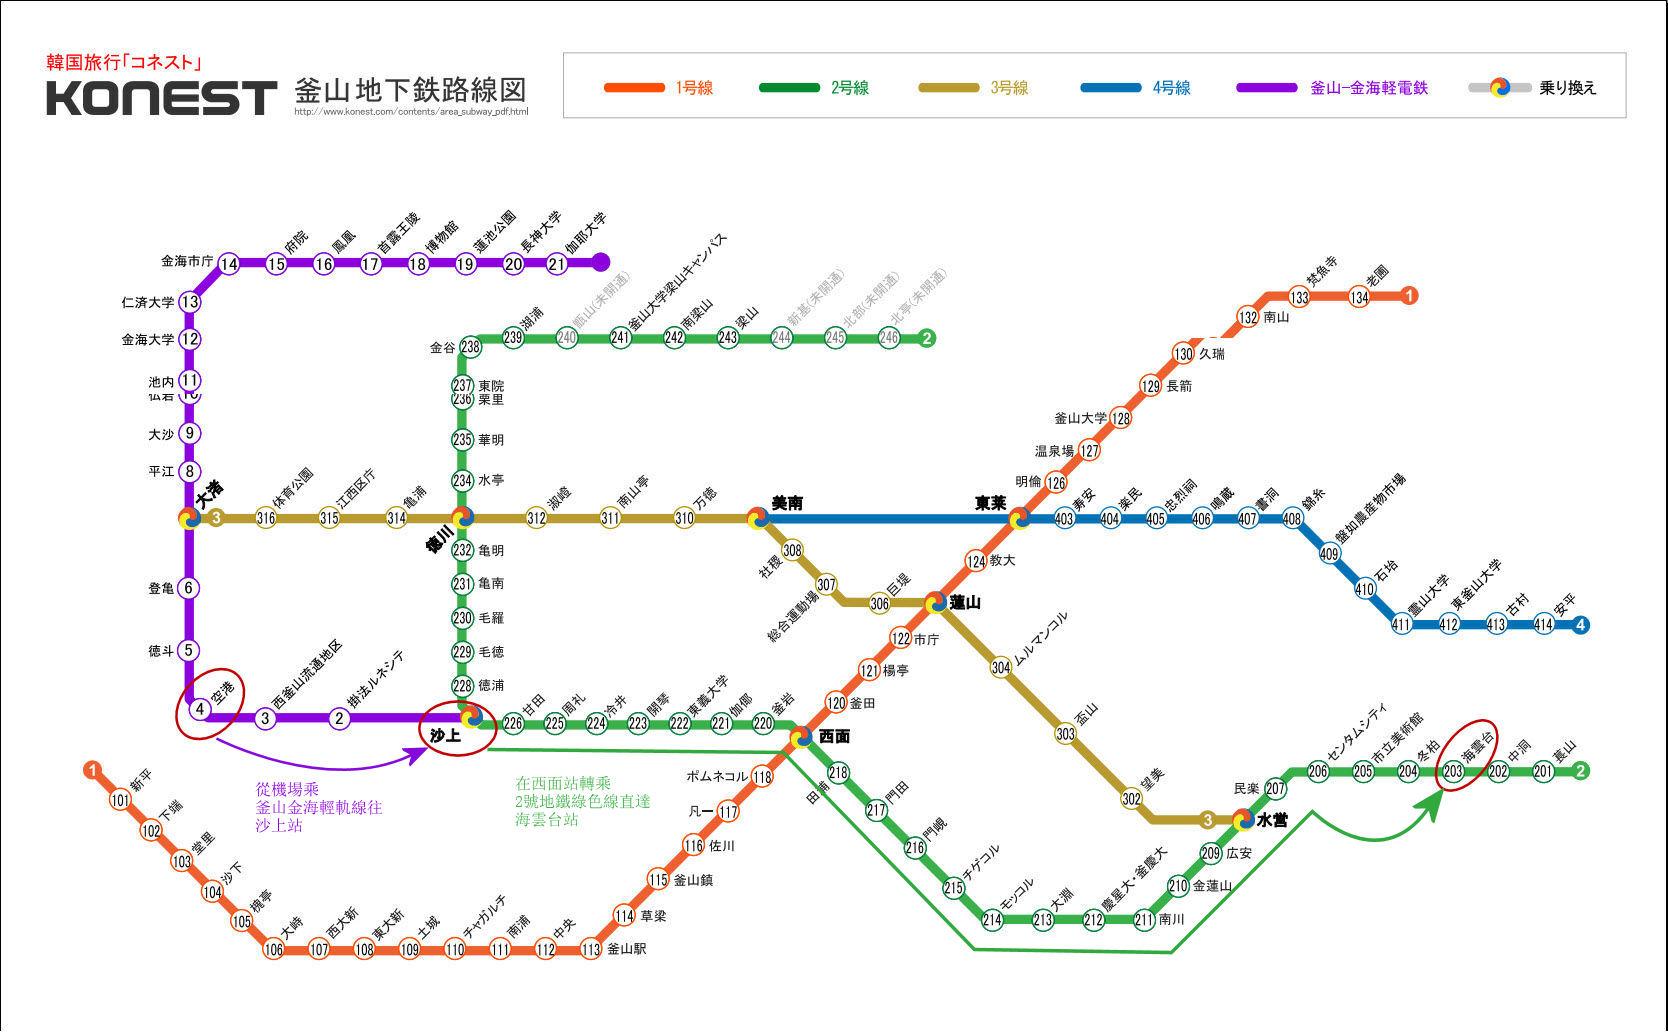 釜山金海國際機場地鐵往海雲台站路線圖